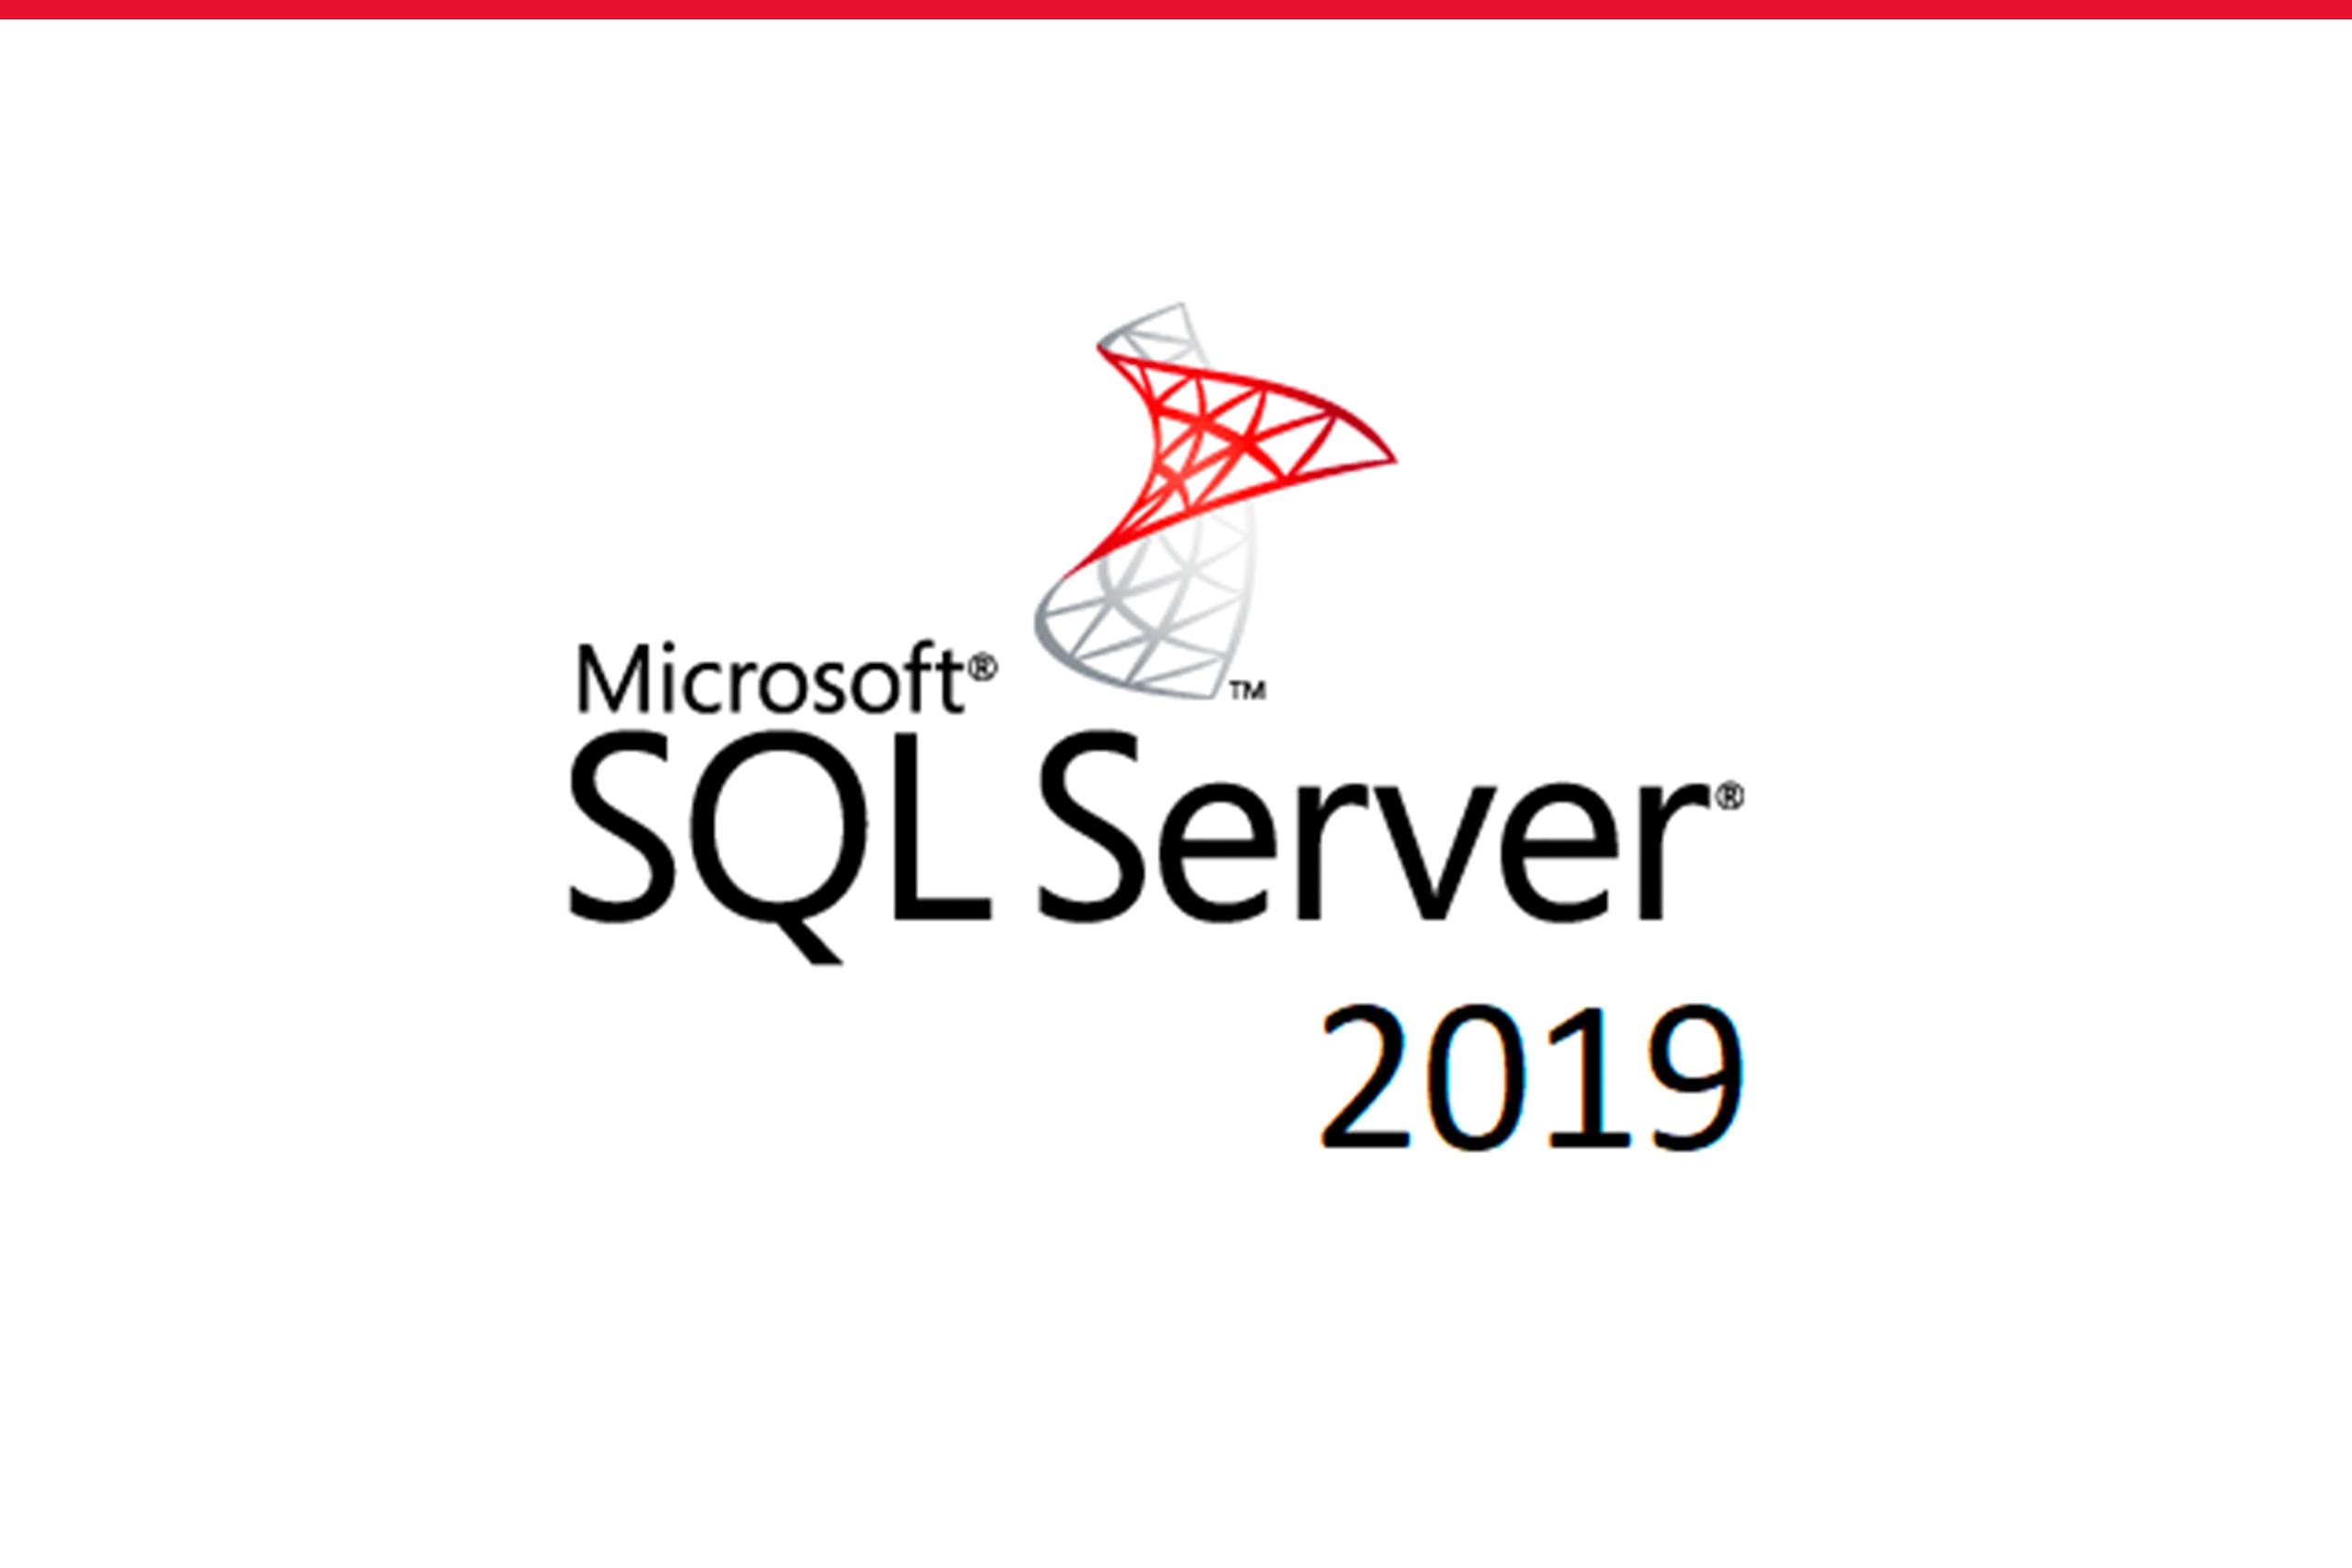 comprar sql server 2019 original